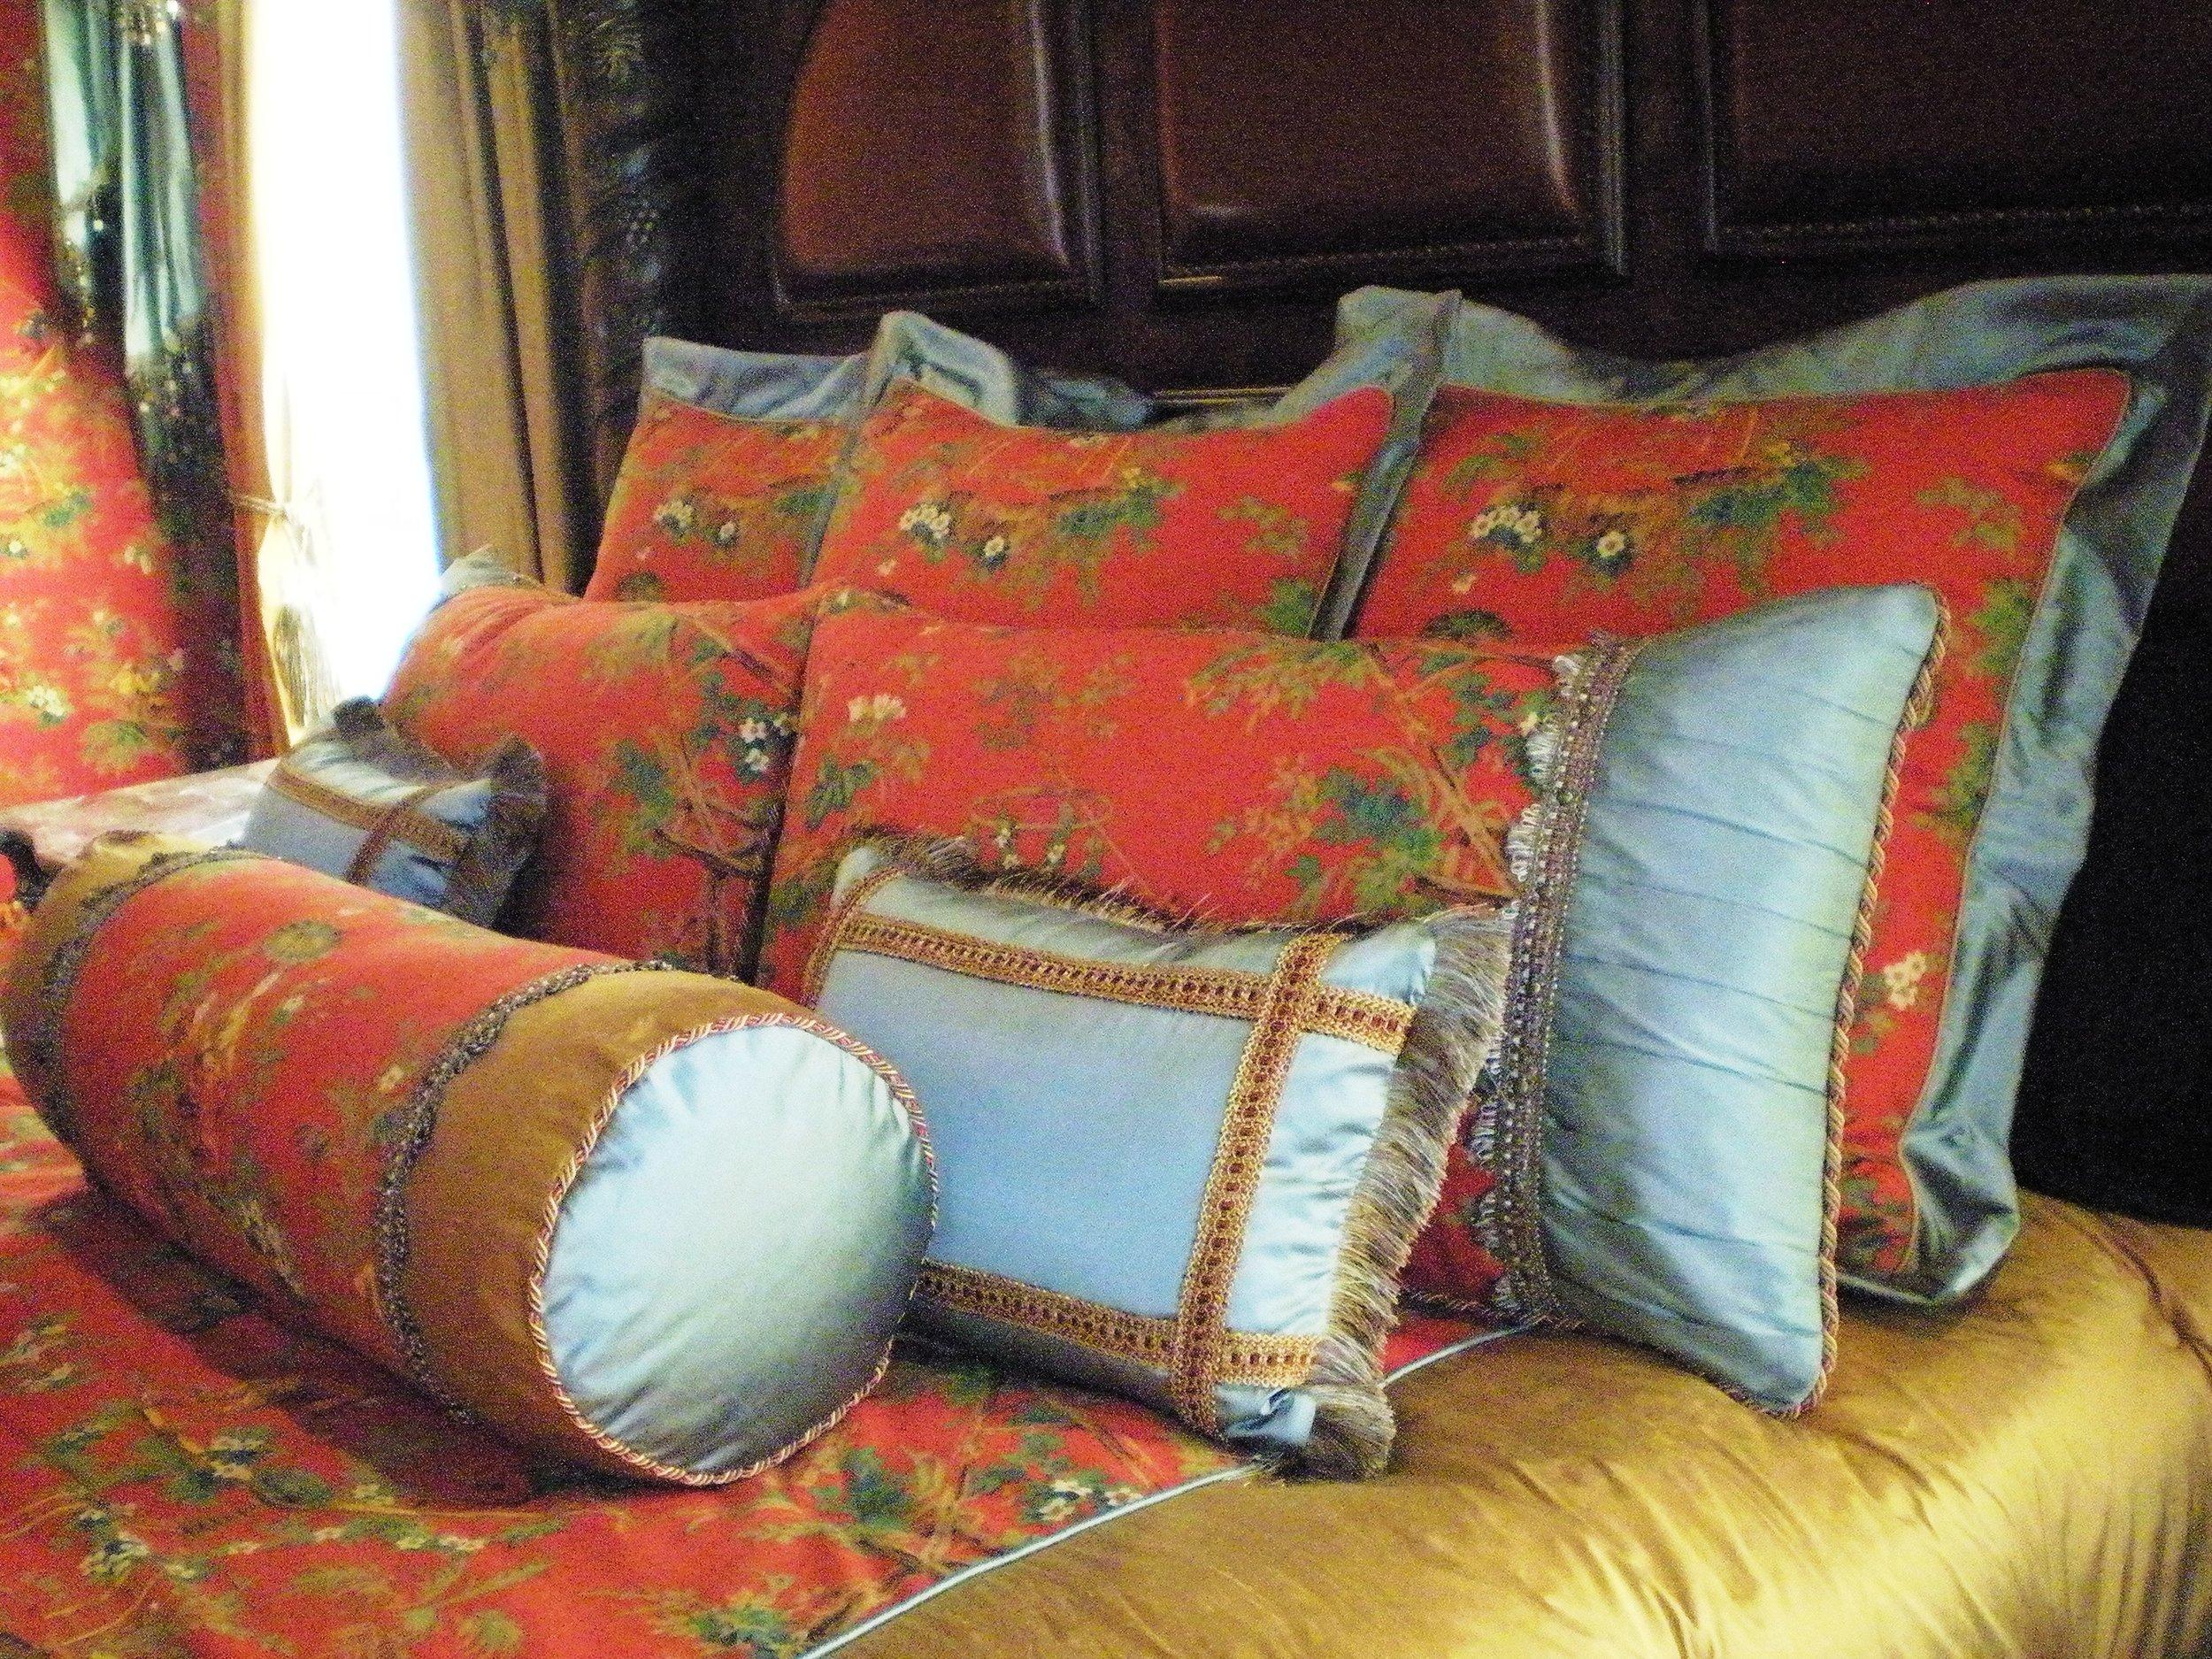 alejandra-canales-interior-designer-luxury-beding custom-made mcallen-texas (2).JPG